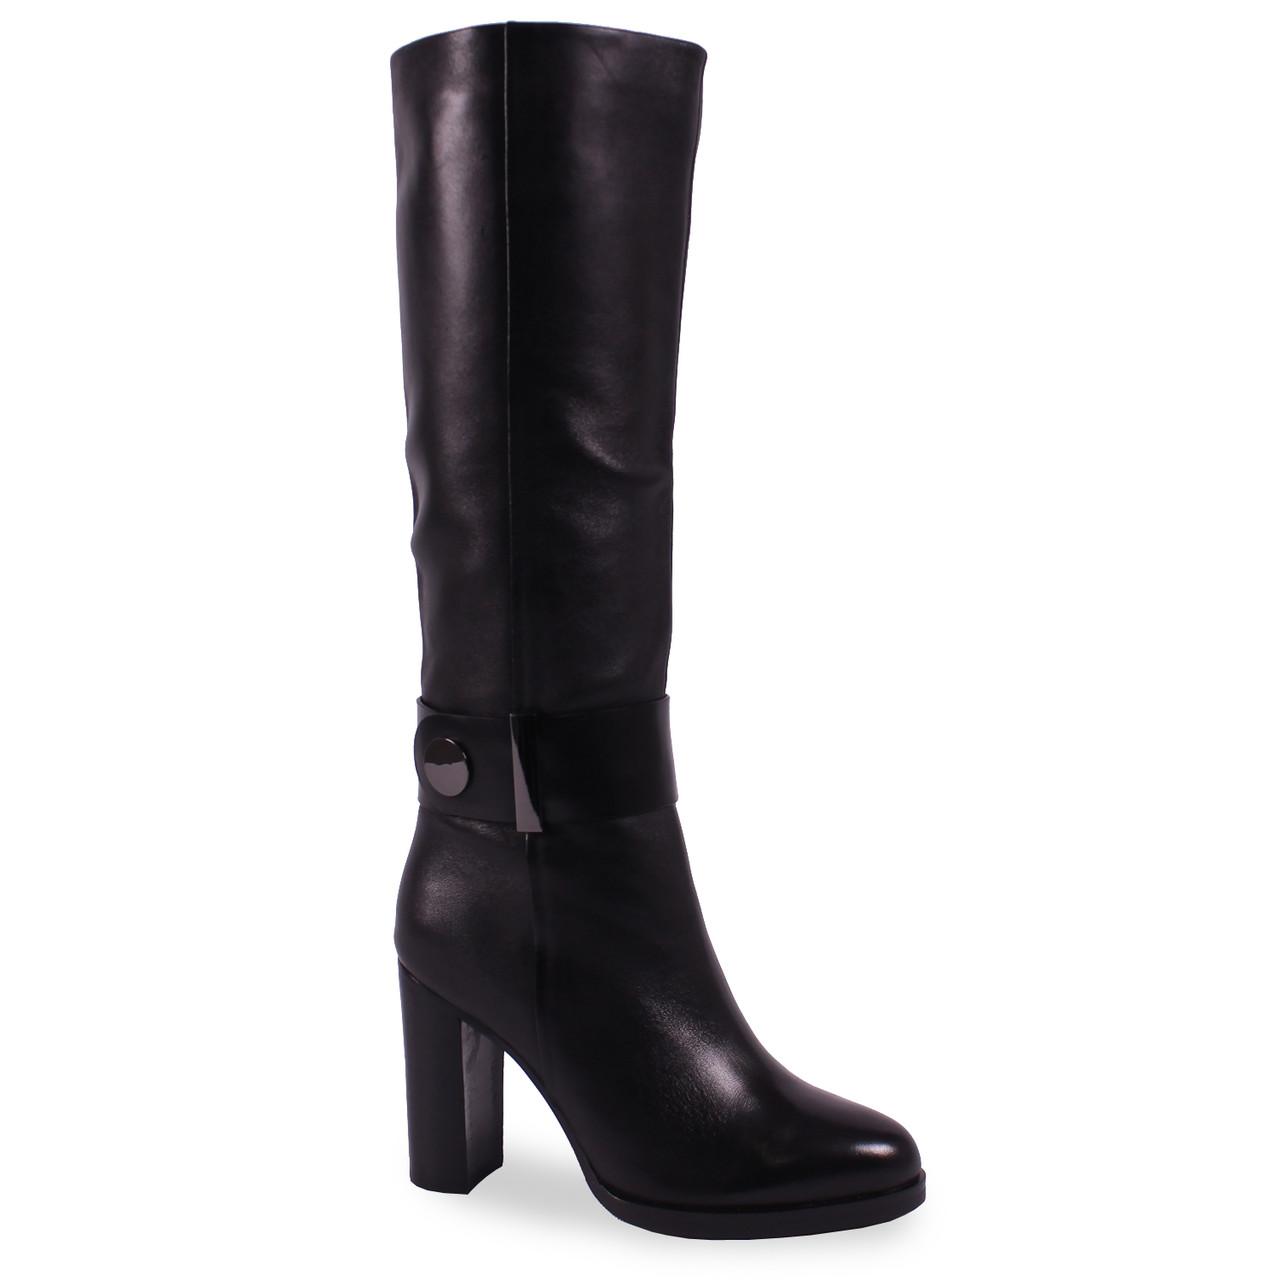 549b8d9633c7 Стильные женские сапоги Djovannia (кожаные, зимние, черные, на каблуке,  есть резинка